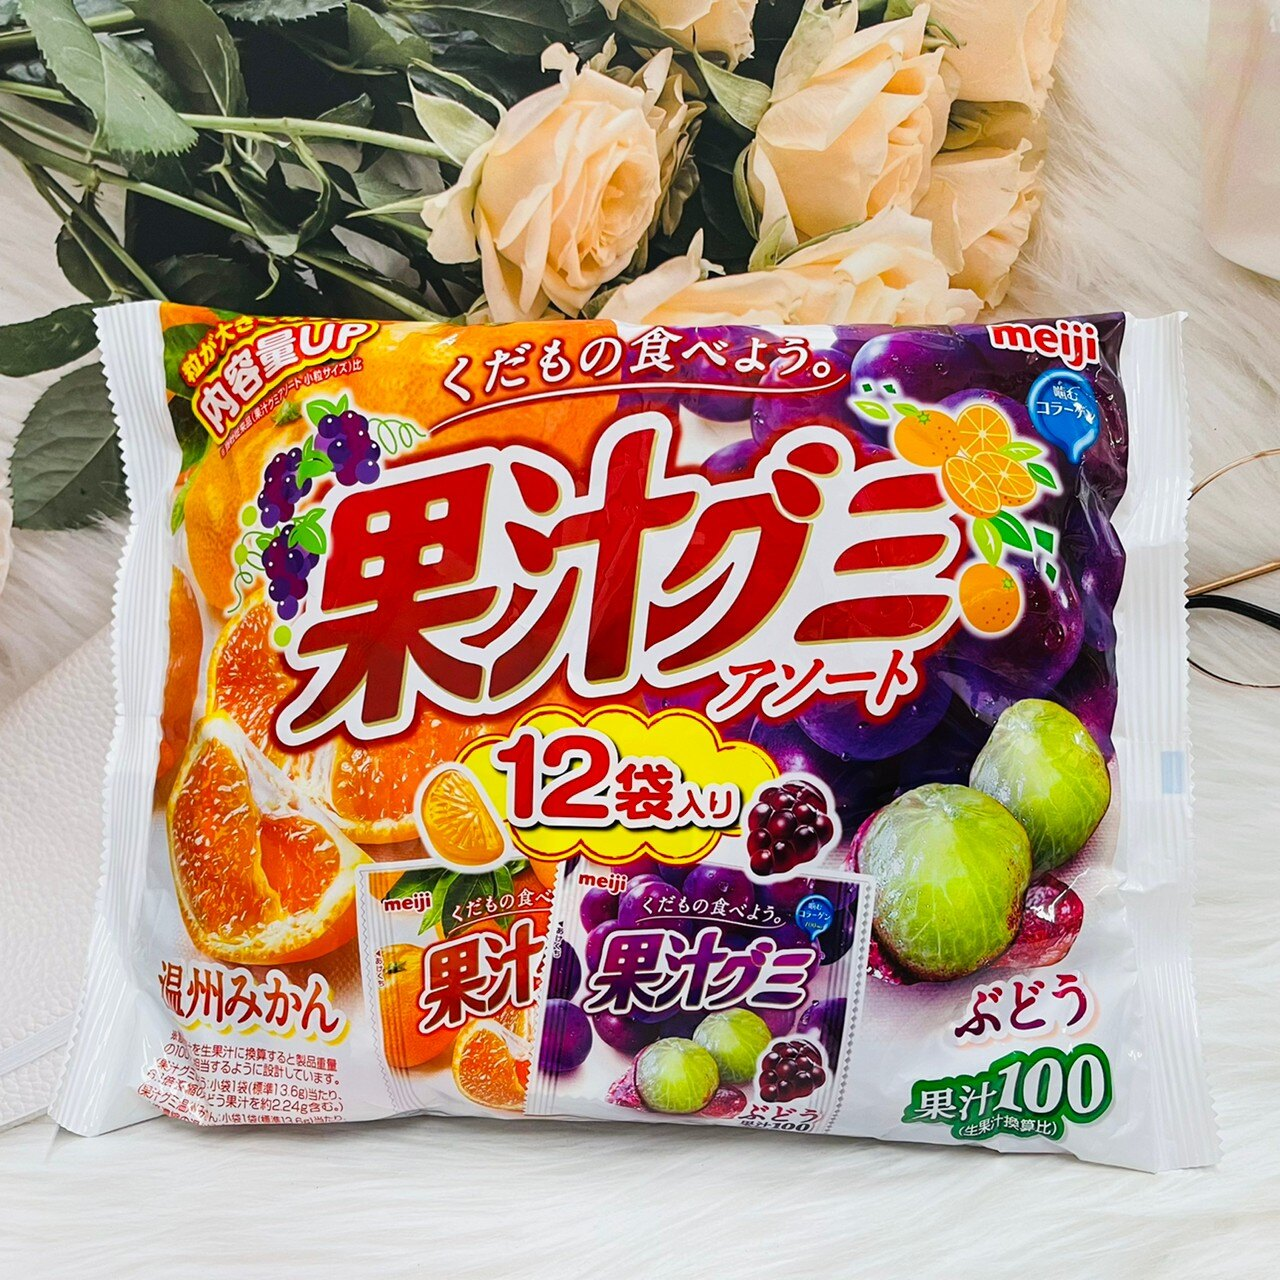 明治 Meiji 綜合水果軟糖 葡萄柑橘雙味果汁軟糖 12小袋入 163g